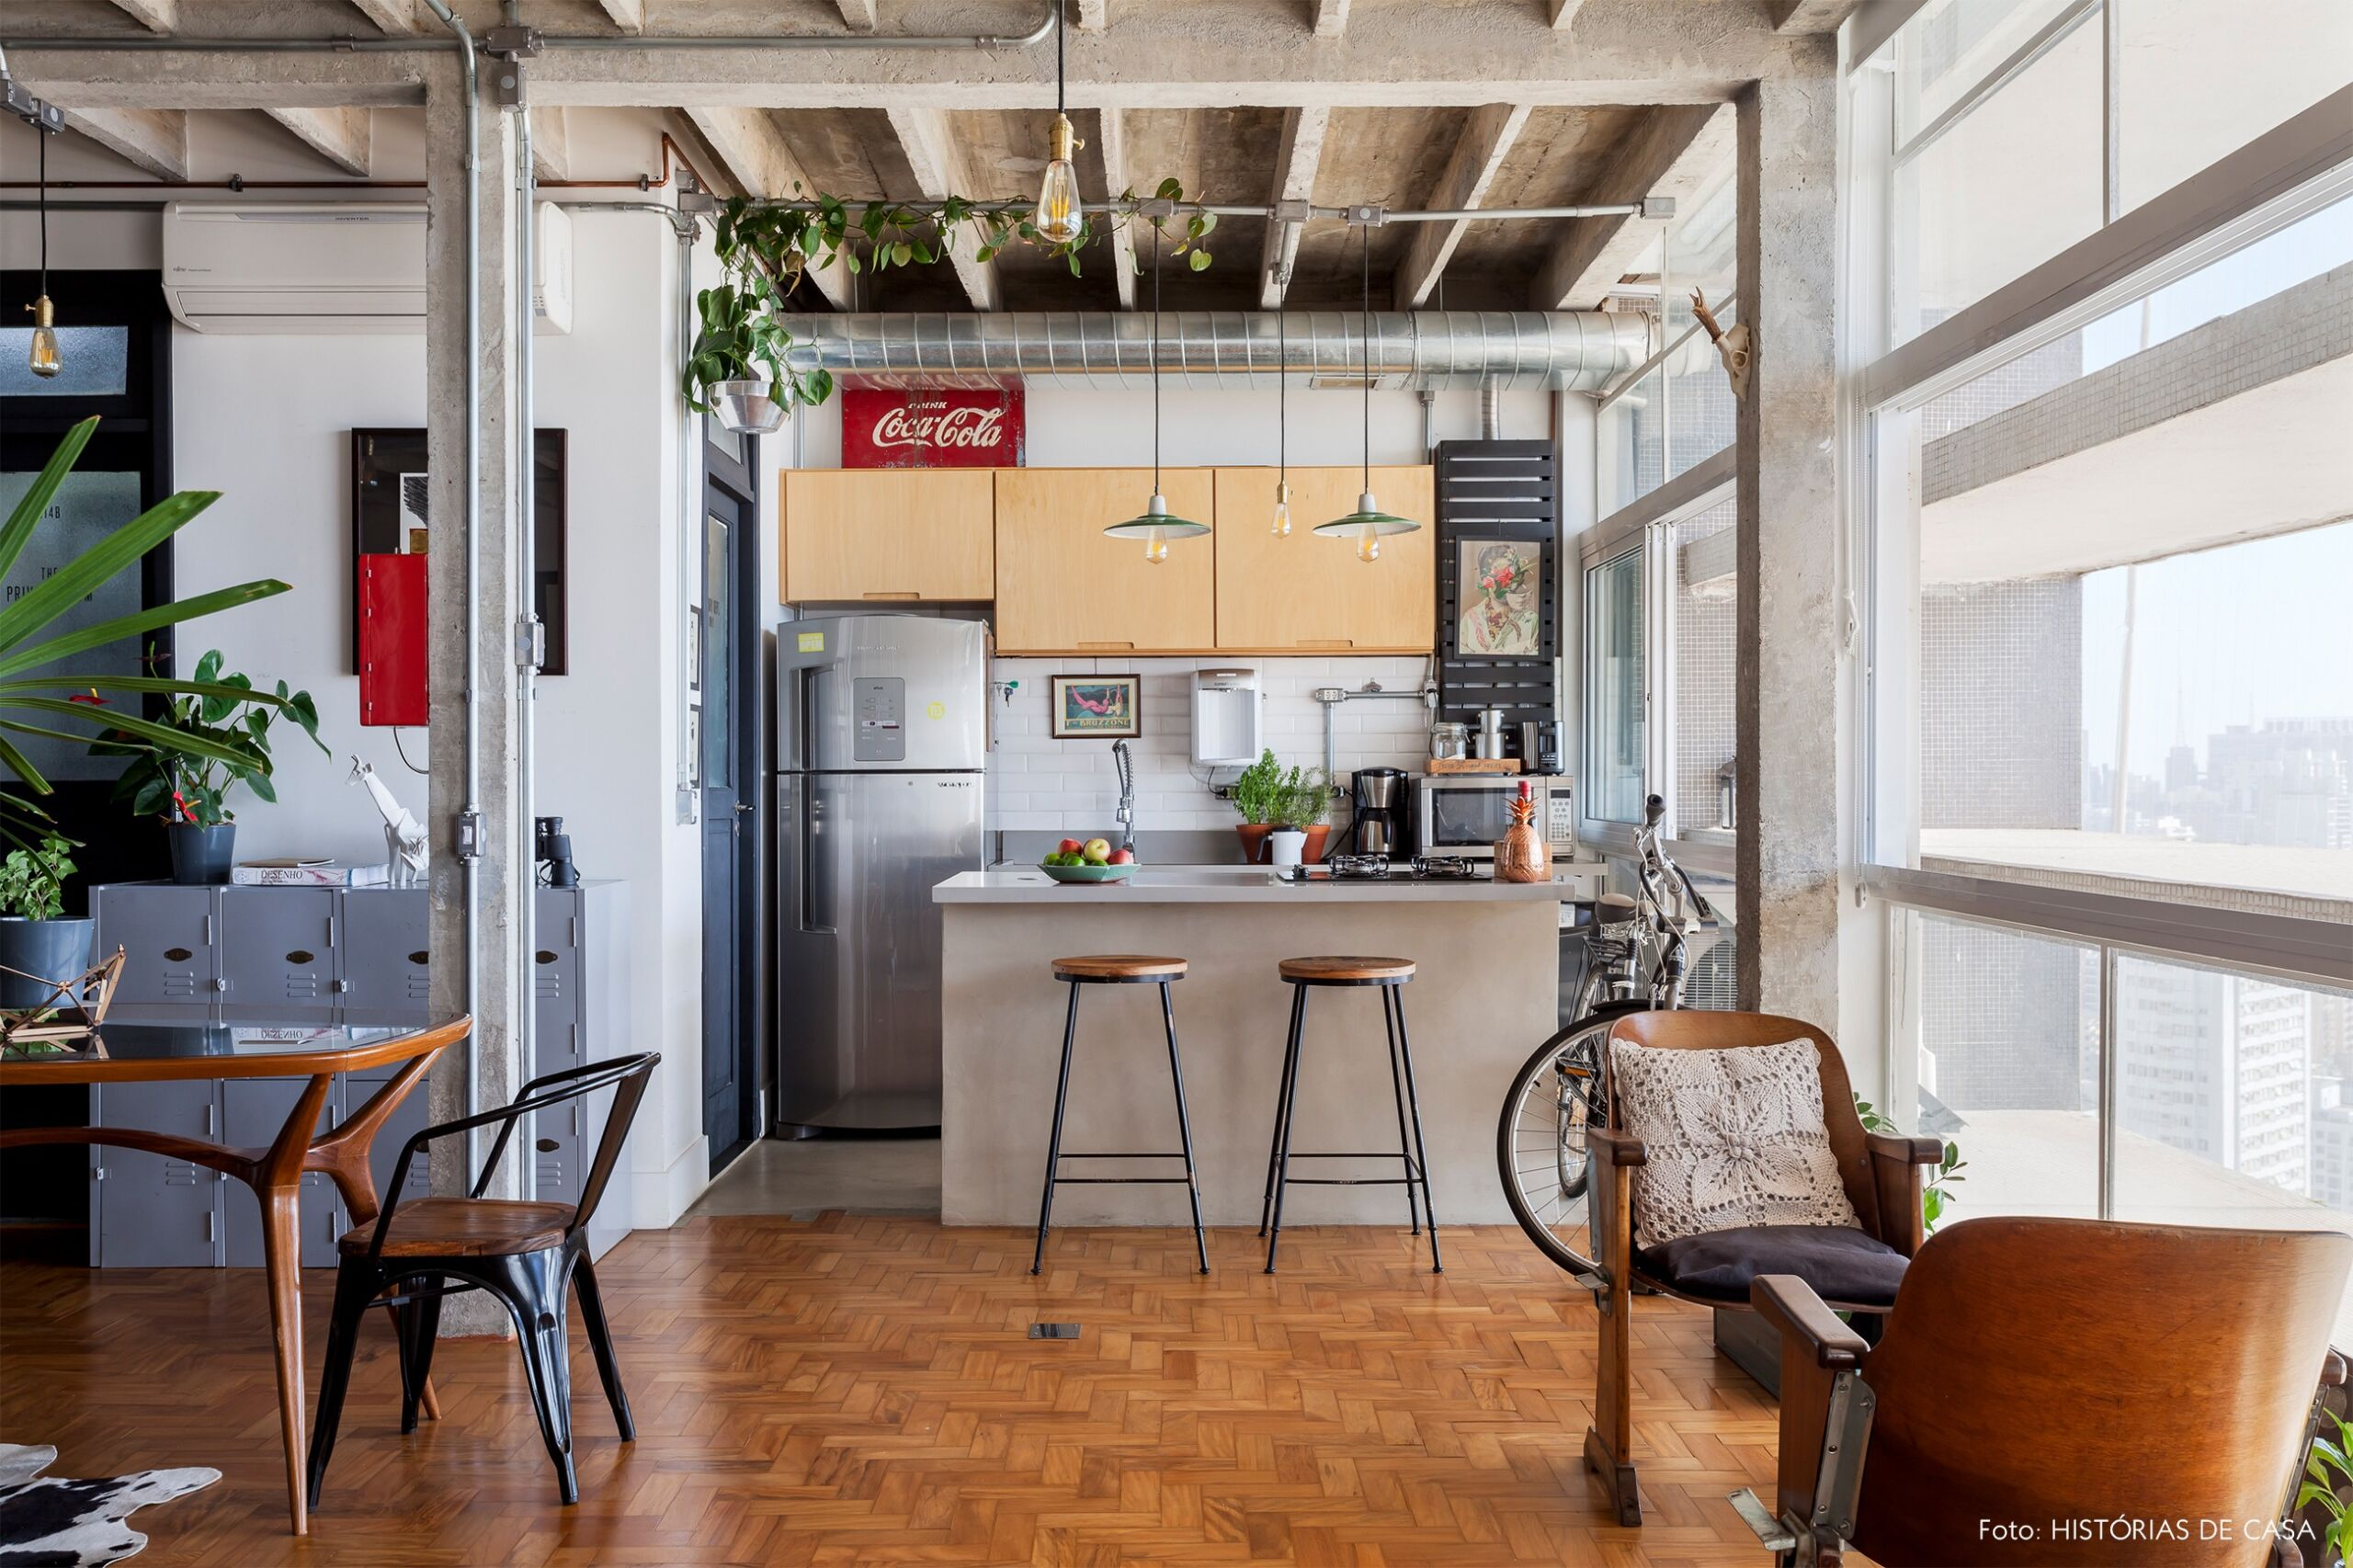 COPAN decoração ape integrado cozinha bancada concreto